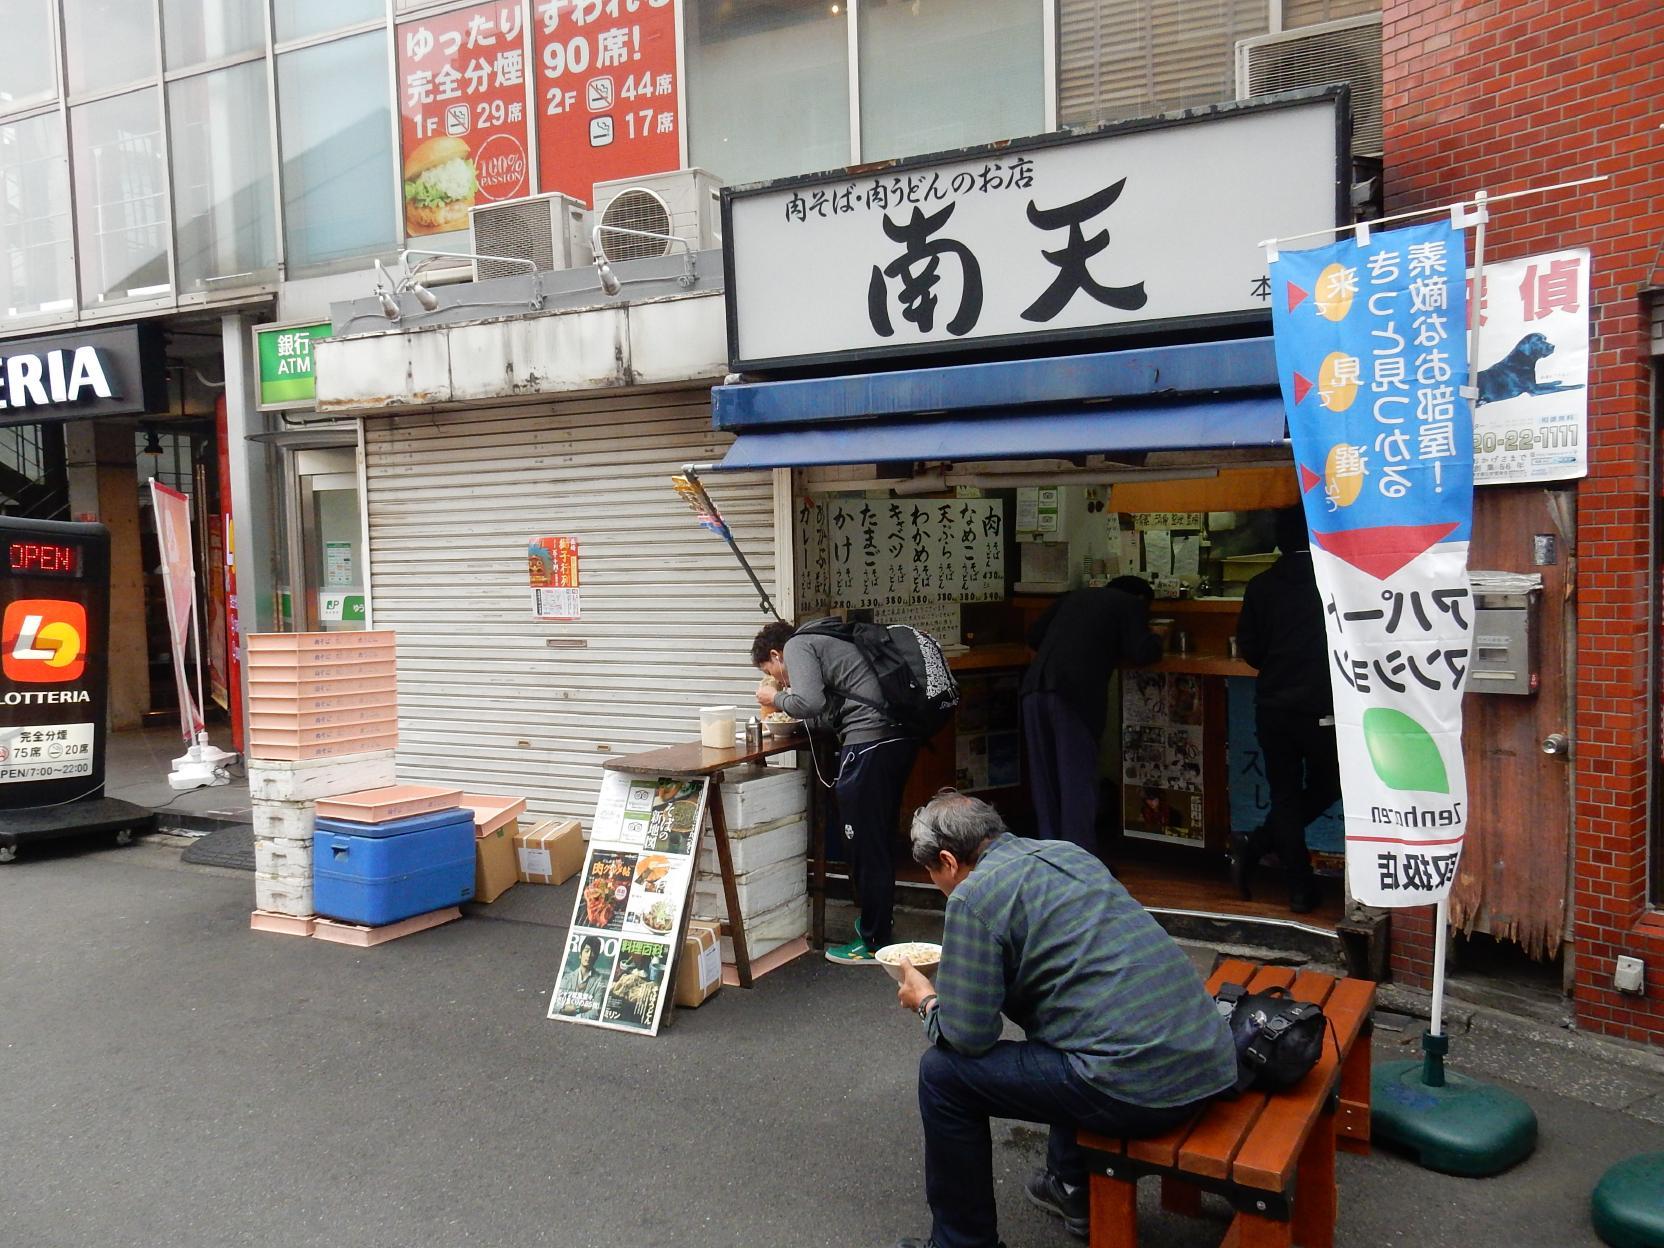 立ち食いうどん屋の外国人旅行者と豊島区椎名町のインバウンドの話_b0235153_118288.jpg